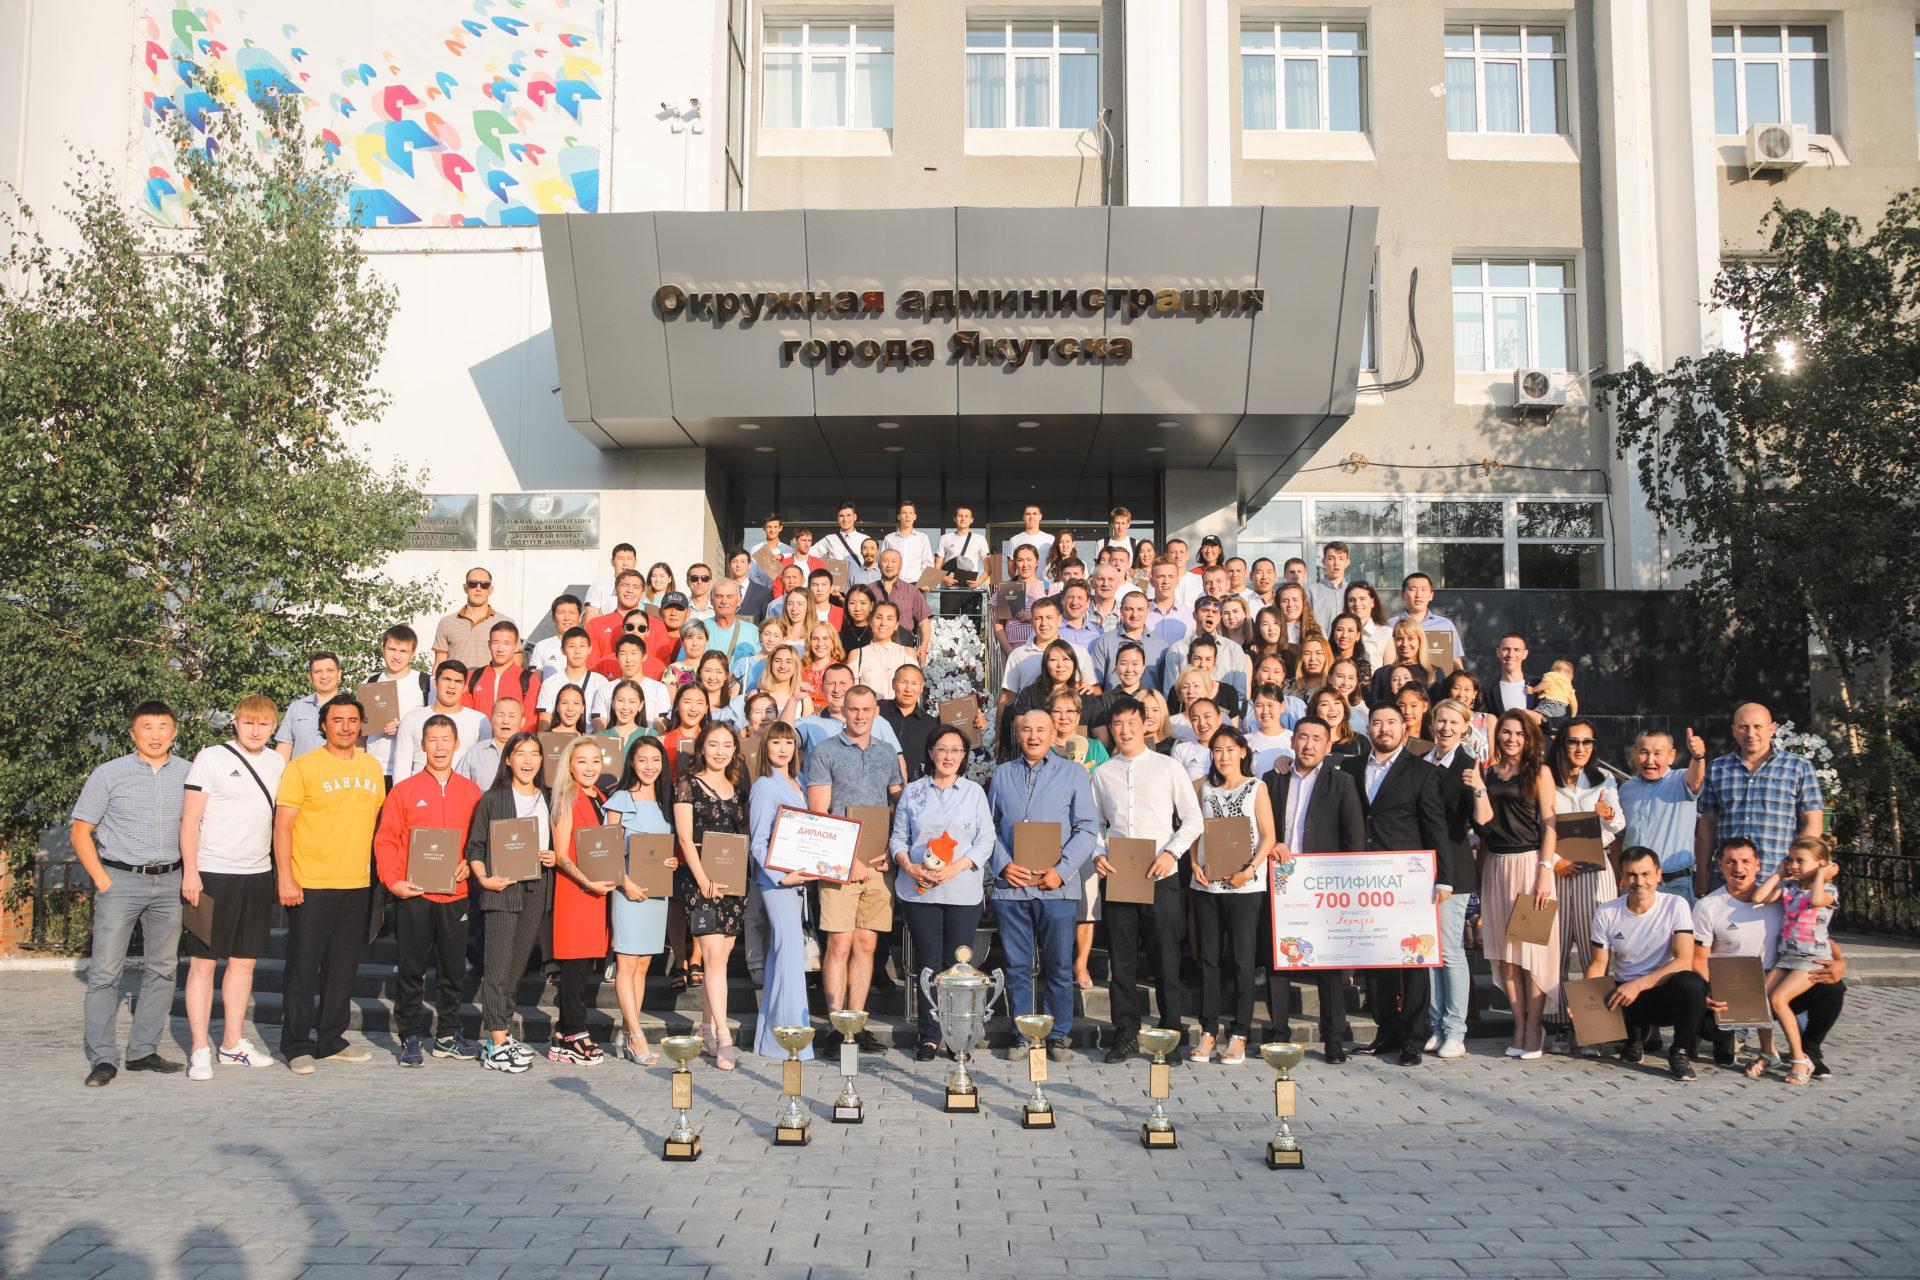 В окружной администрации поздравили победителей и призеров сборной команды Якутска VII Спортивных игр народов РС(Я)